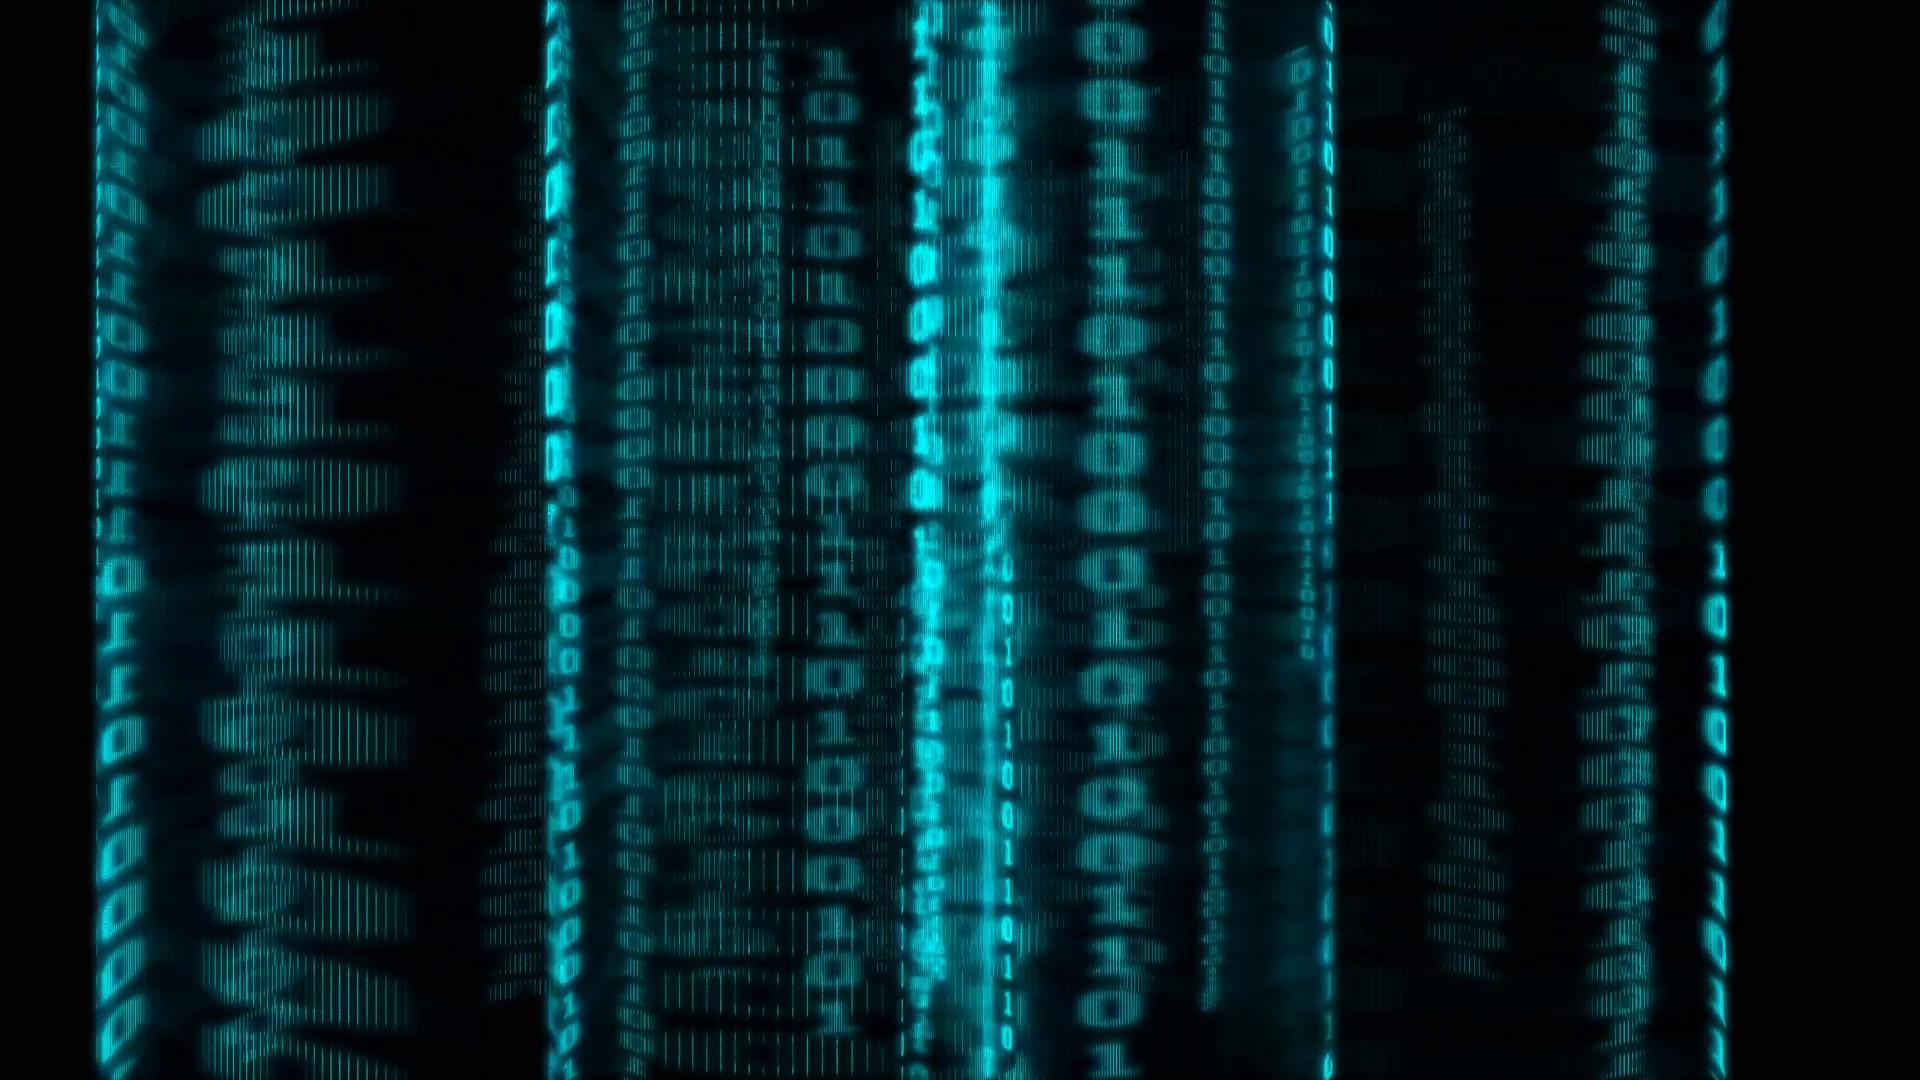 Matrix Falling Code Wallpaper Blue Matrix Wallpaper 56 Images